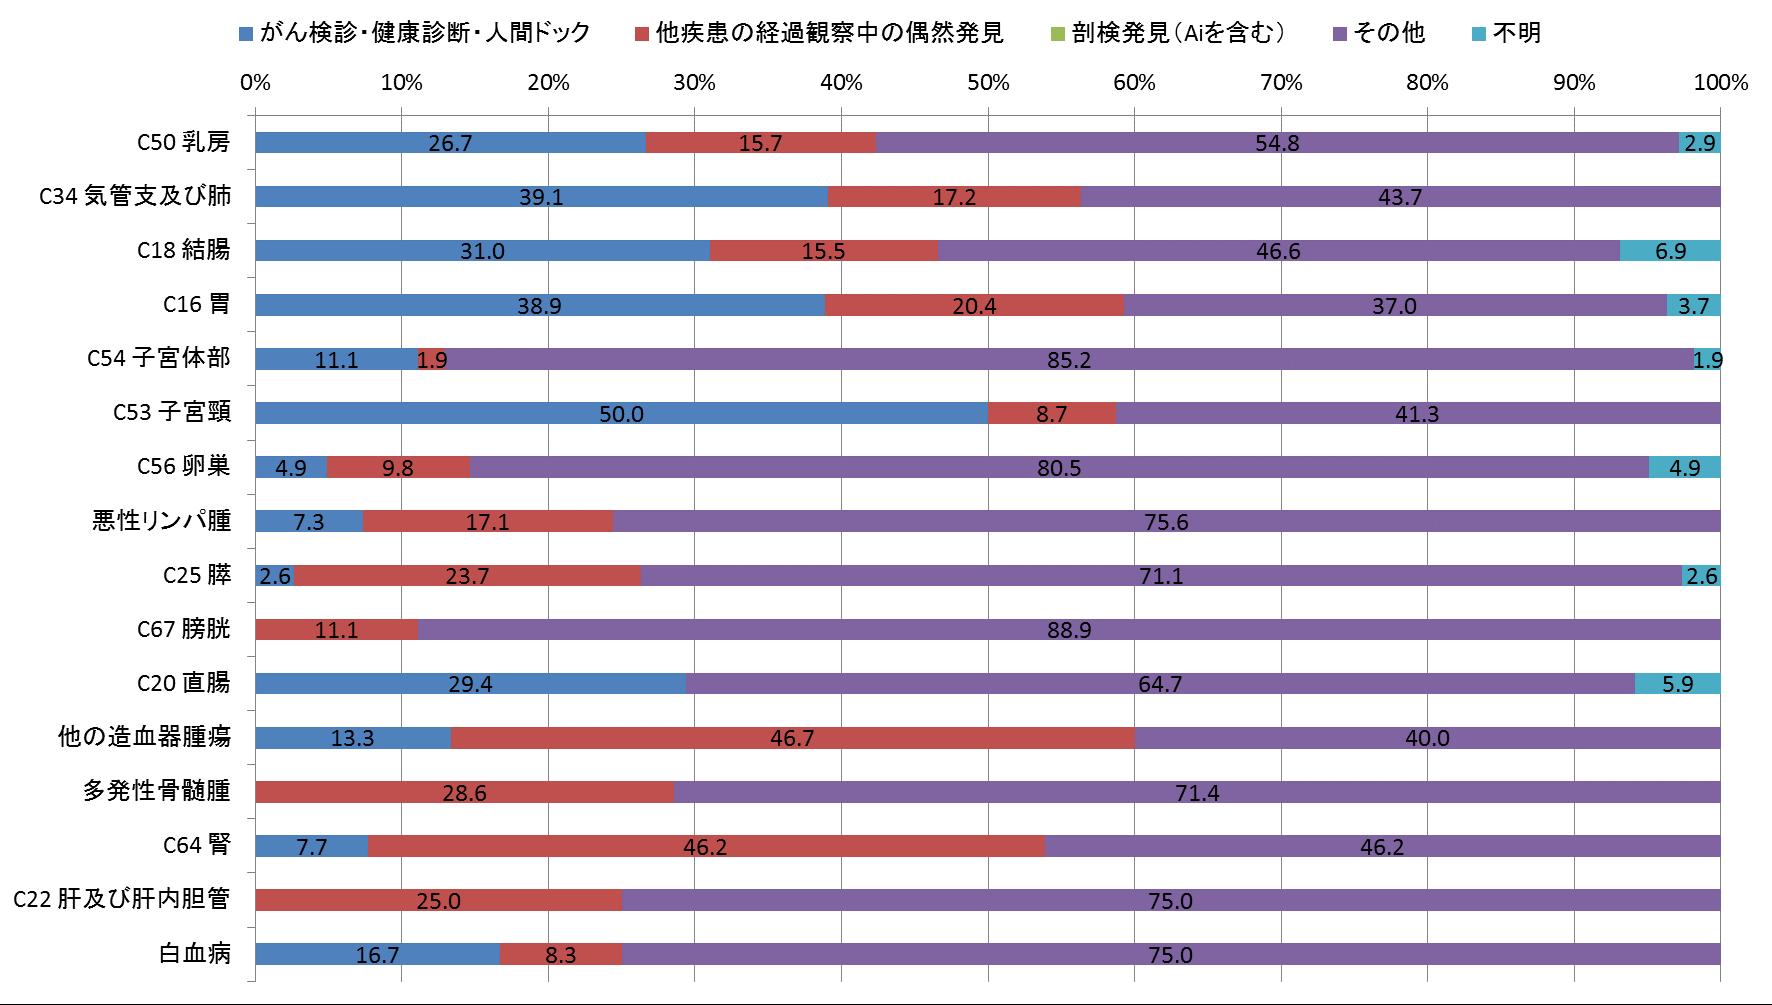 図5-3 発見経緯別登録数(女、登録数2桁以上のみ)